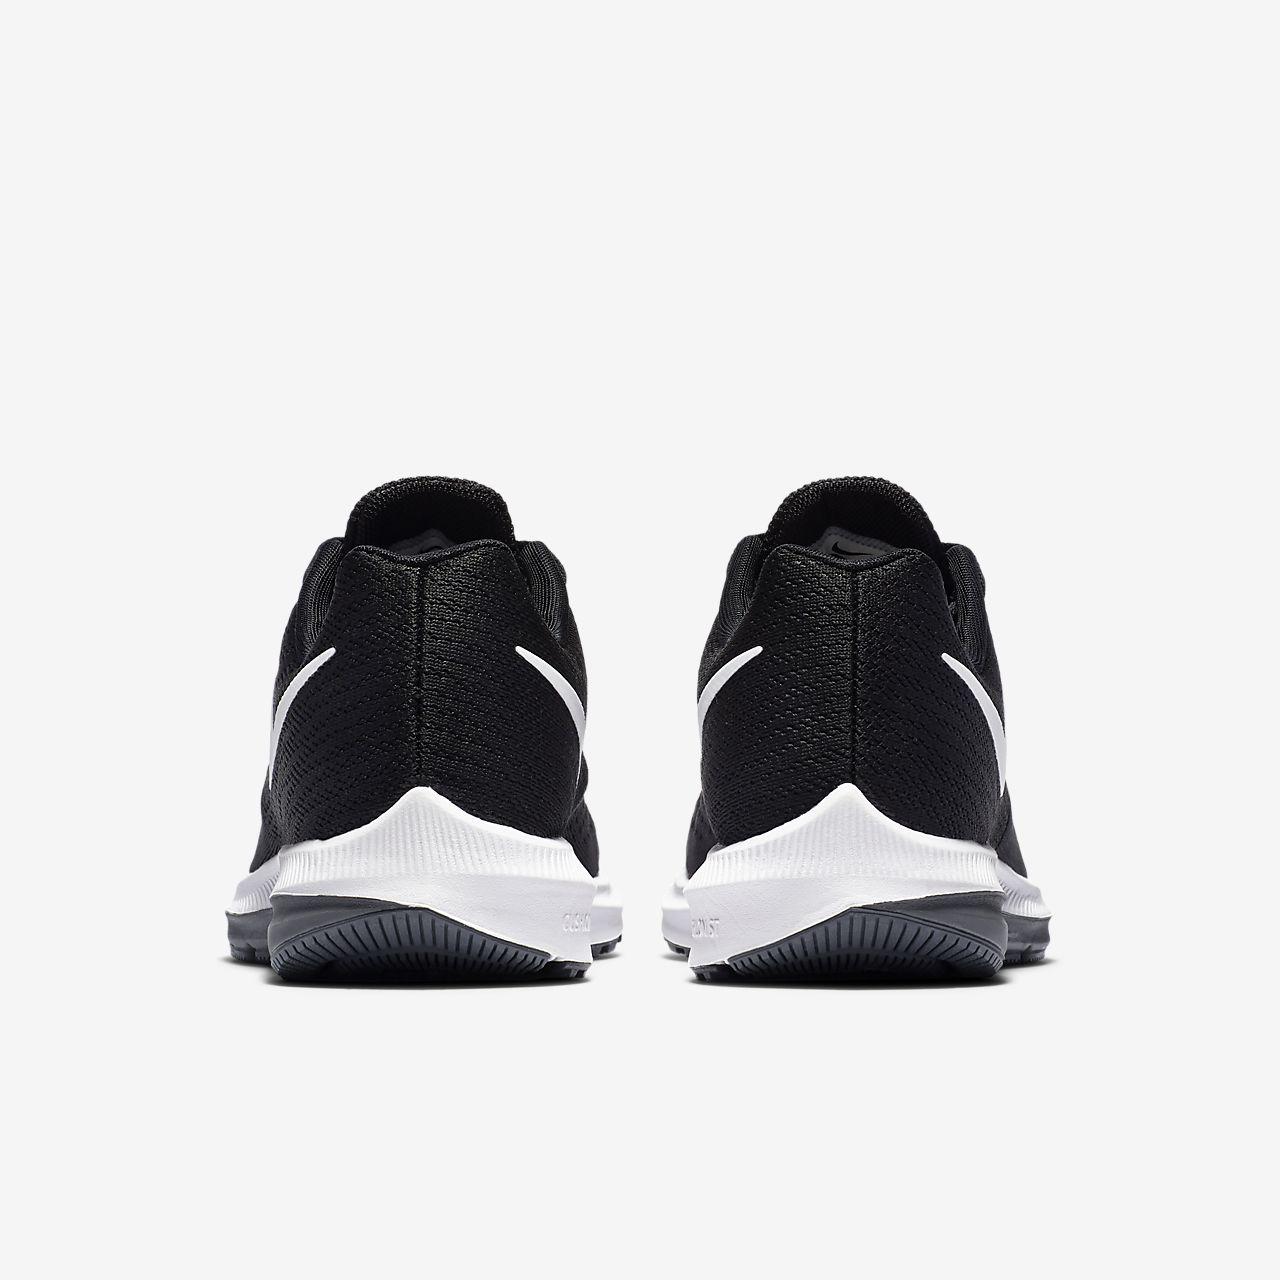 c8d3e55abf7 Nike Zoom Winflo 4 Women s Running Shoe. Nike.com MA